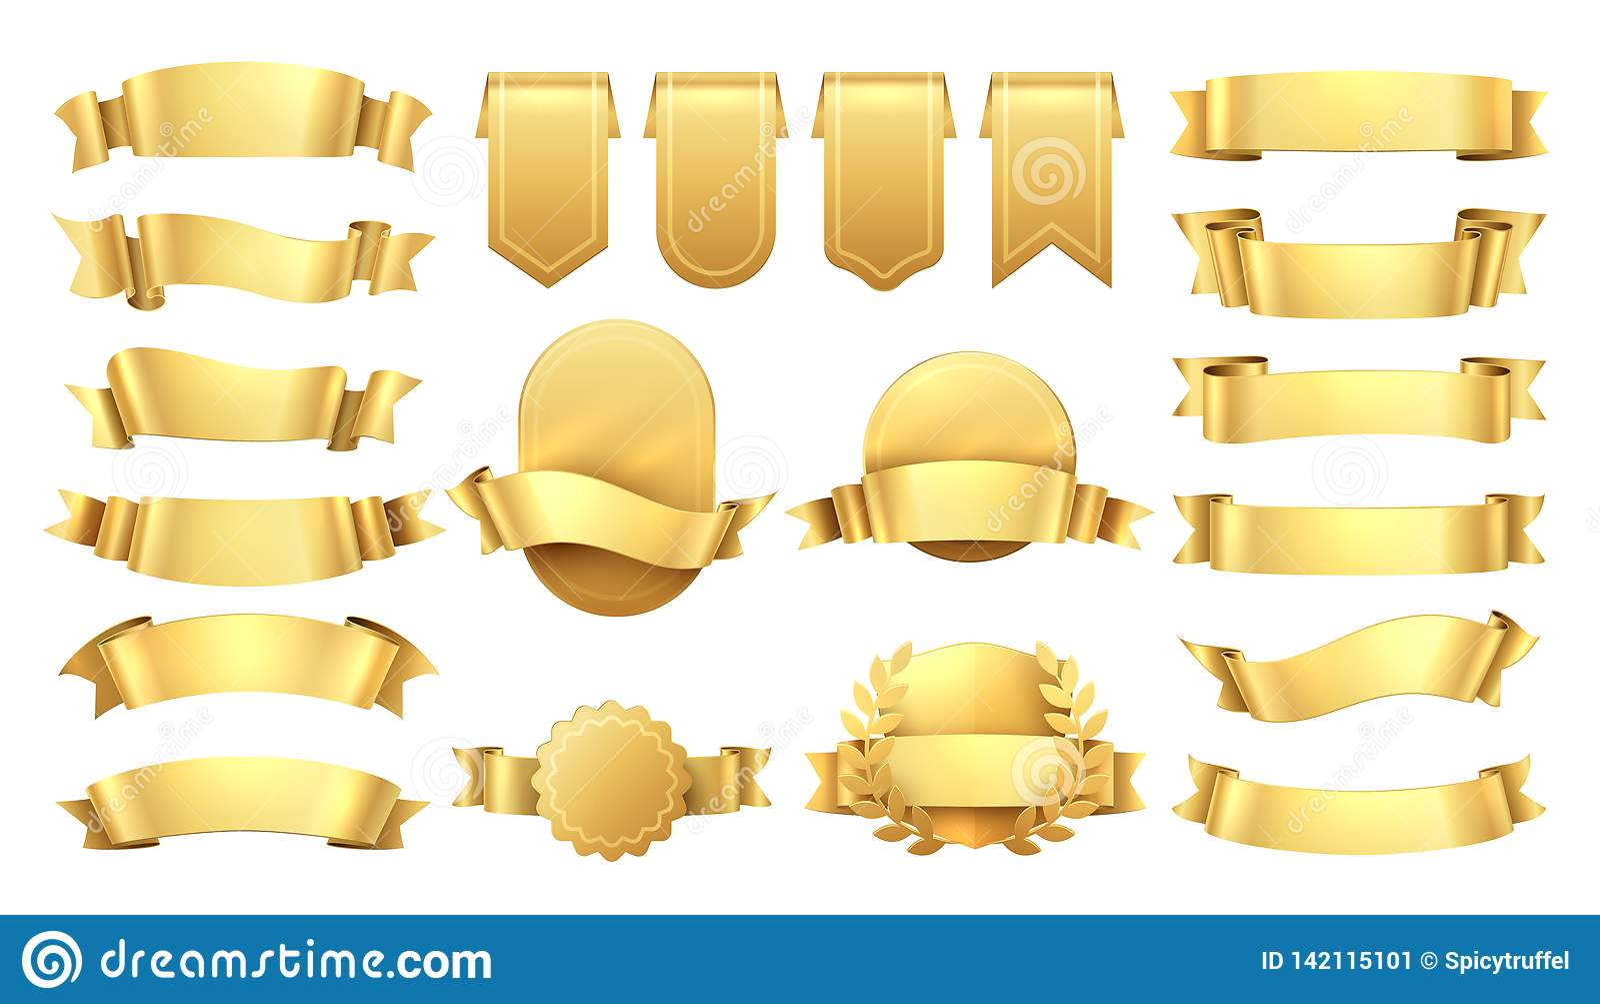 Cintas de oro Viejas etiquetas brillantes, elementos de la bandera de la onda, decoración retra de la promoción, venta amarilla d